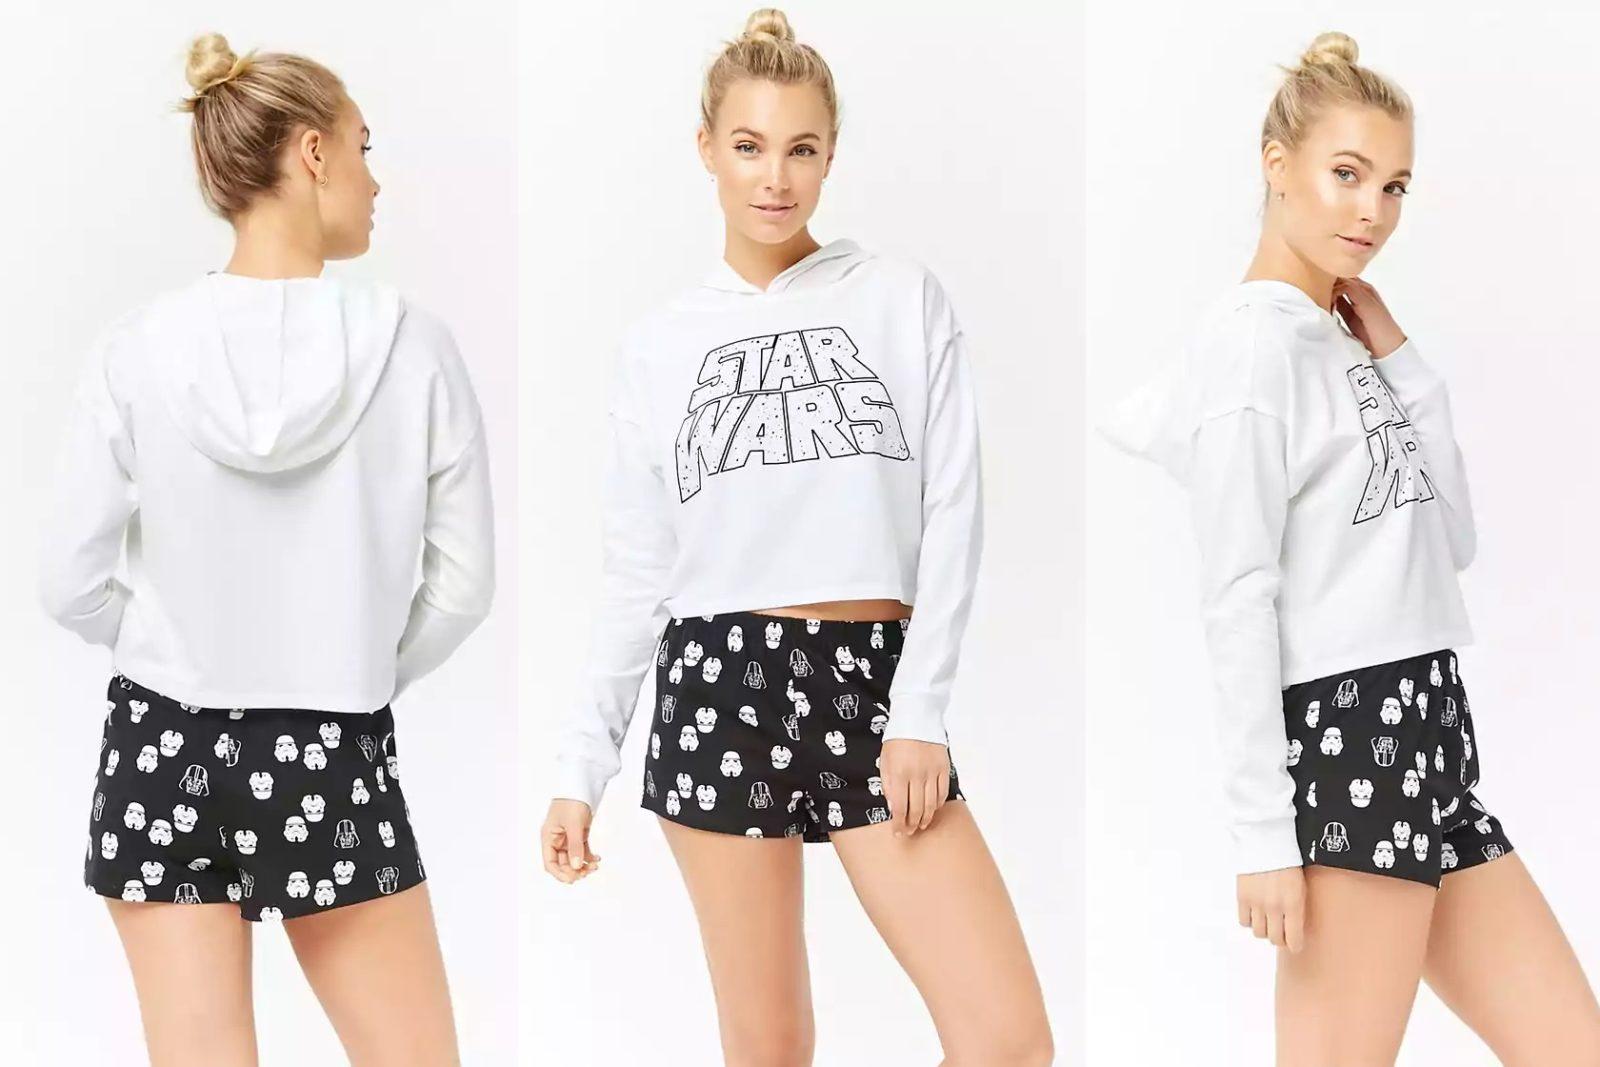 Star Wars Logo Pyjama Hoodie at Forever 21